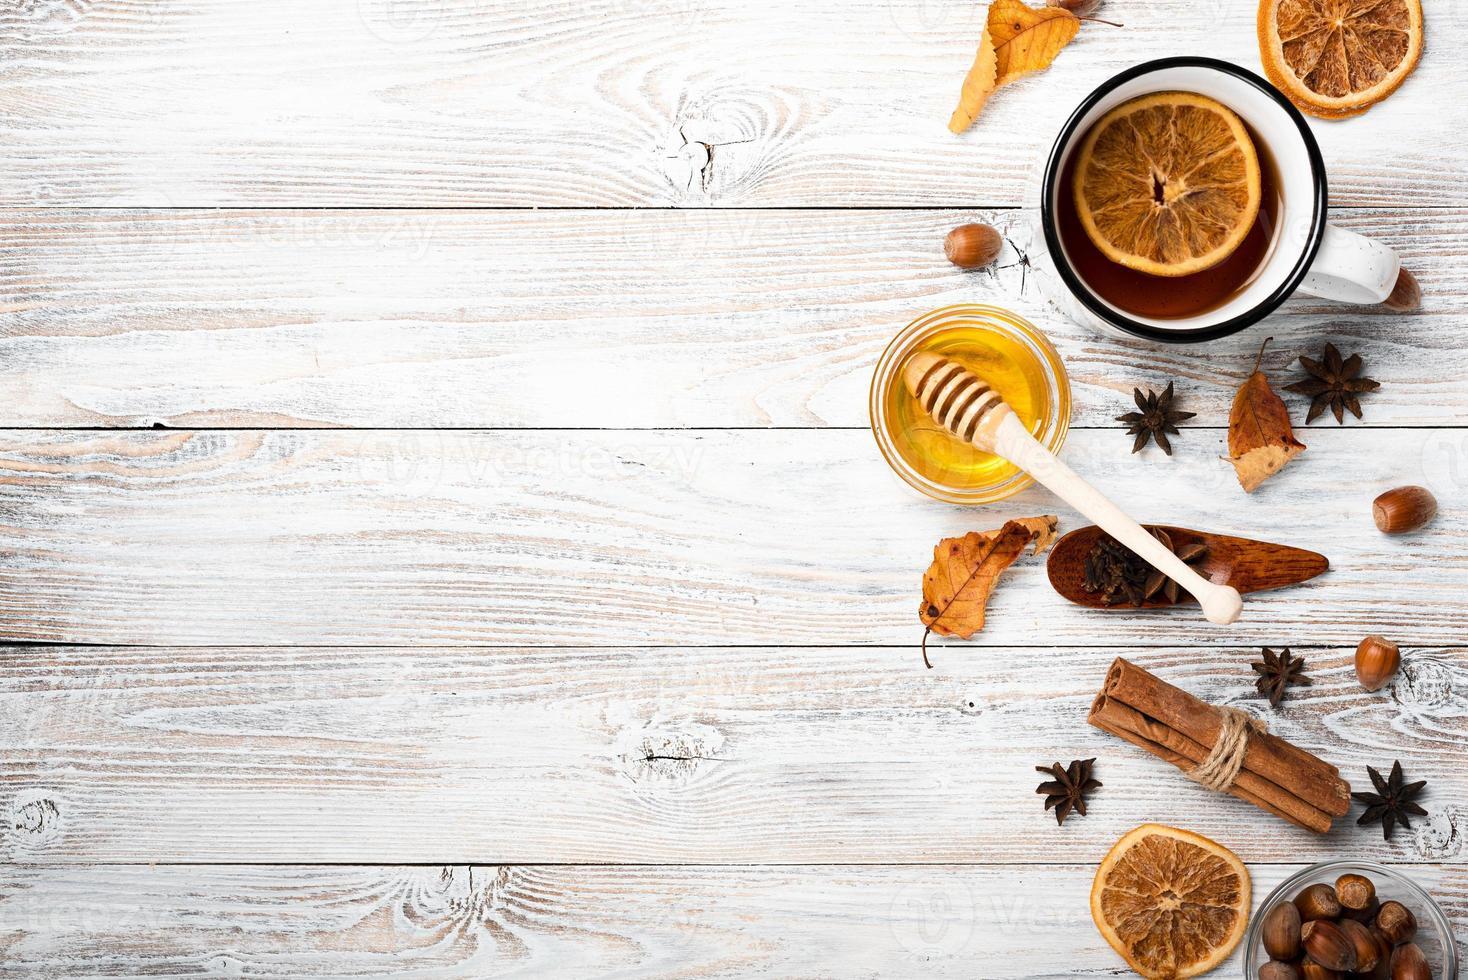 platt te med honung och kopieringsutrymme foto